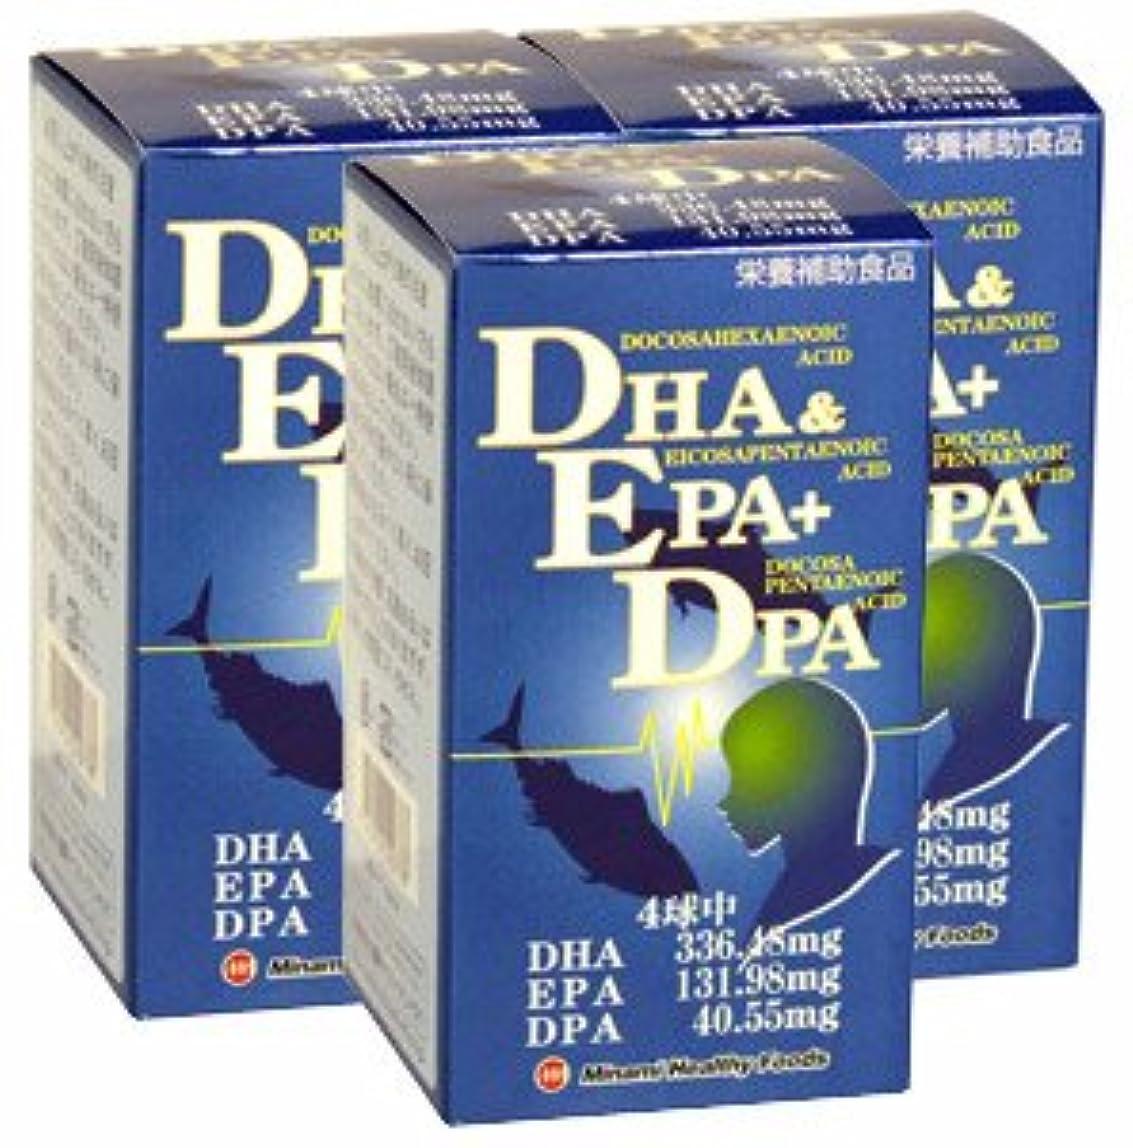 反毒補助環境に優しいDHA&EPA+DPA【3本セット】ミナミヘルシーフーズ